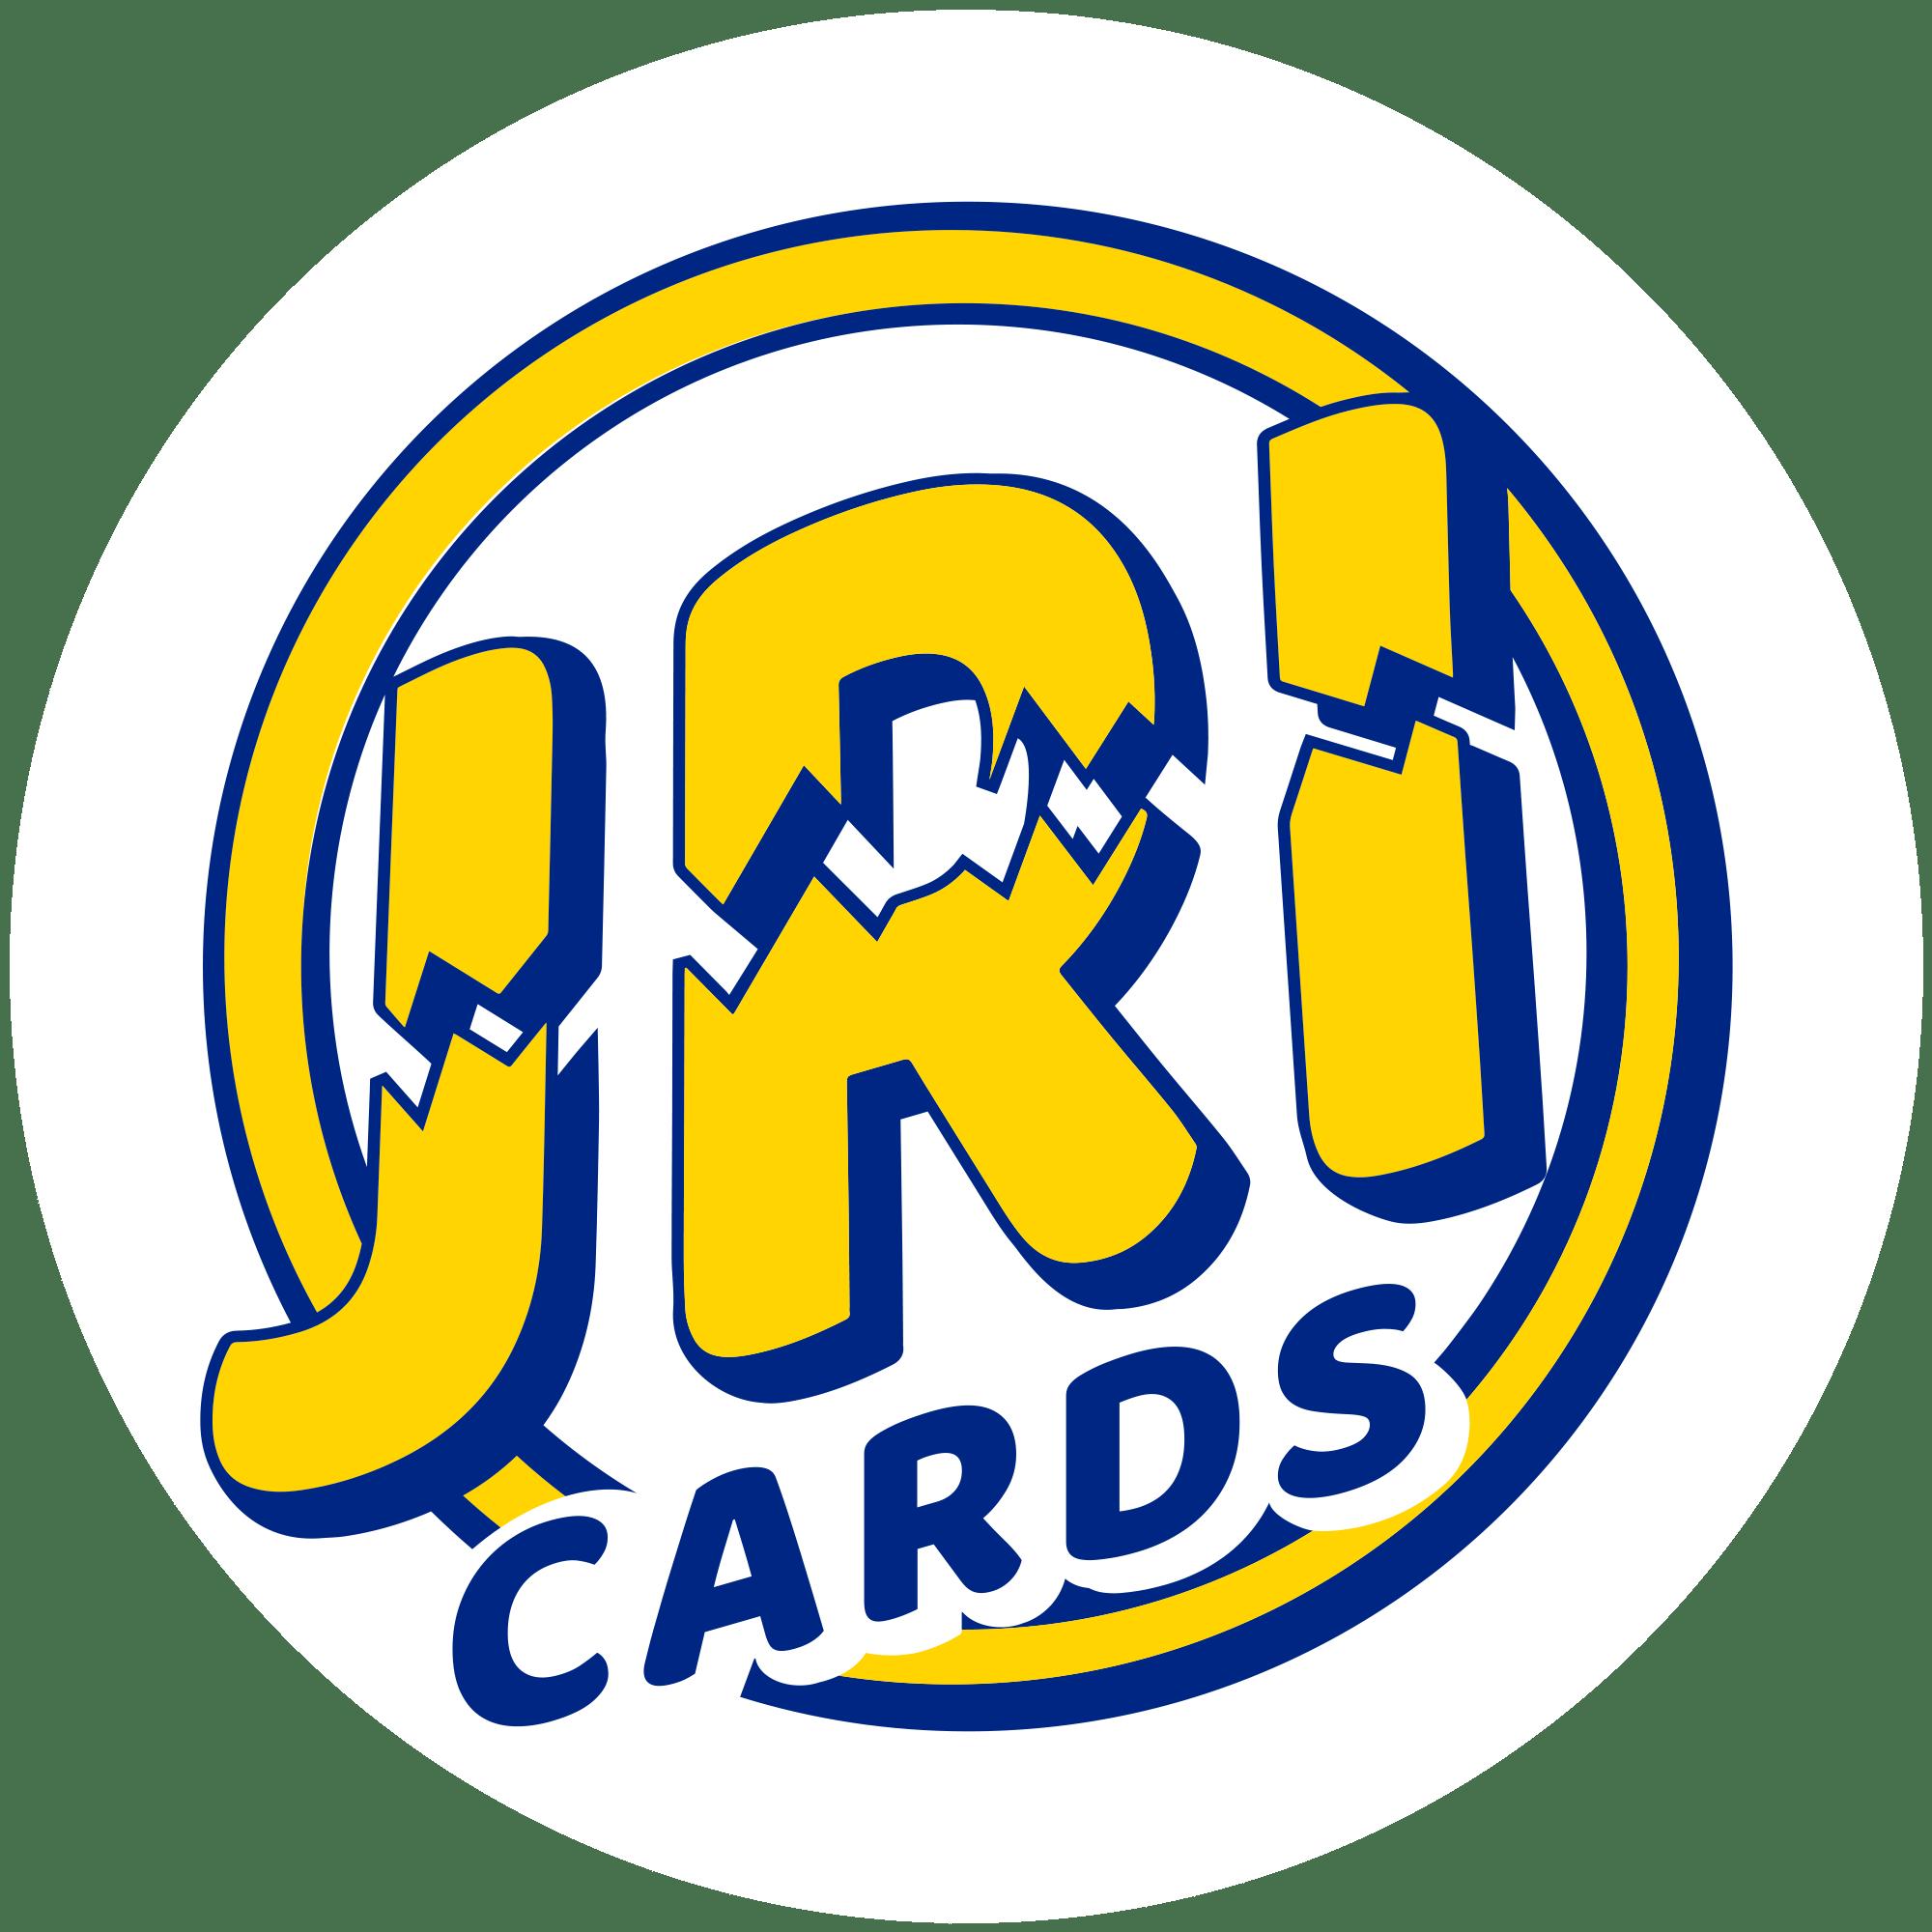 JRI EVENT|1986 FLEER BASKETBALL WITH JORDAN STICKER ON BACK (200 TICKETS AVAILABLE) + BONUS JRI BLENDER (200 SPOTS)